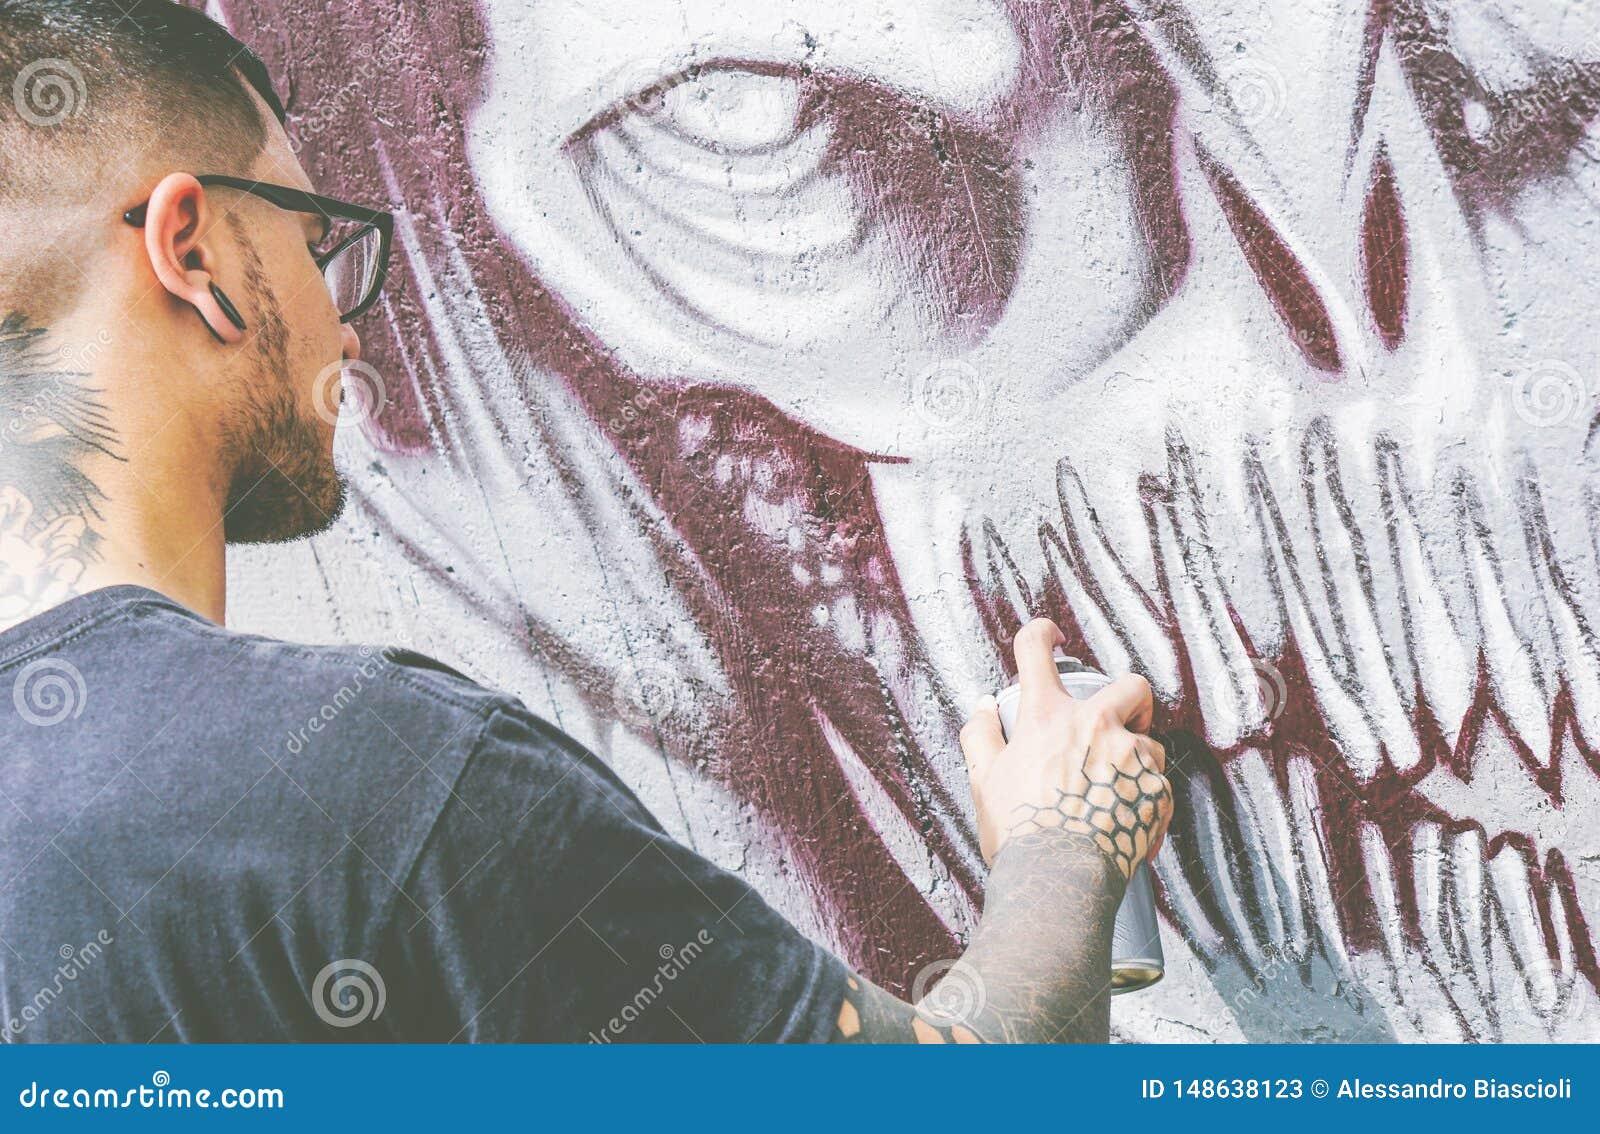 De kunstenaar van de straatgraffiti het schilderen met een kleur bespuit een donkere graffiti van de monsterschedel op de Stedeli